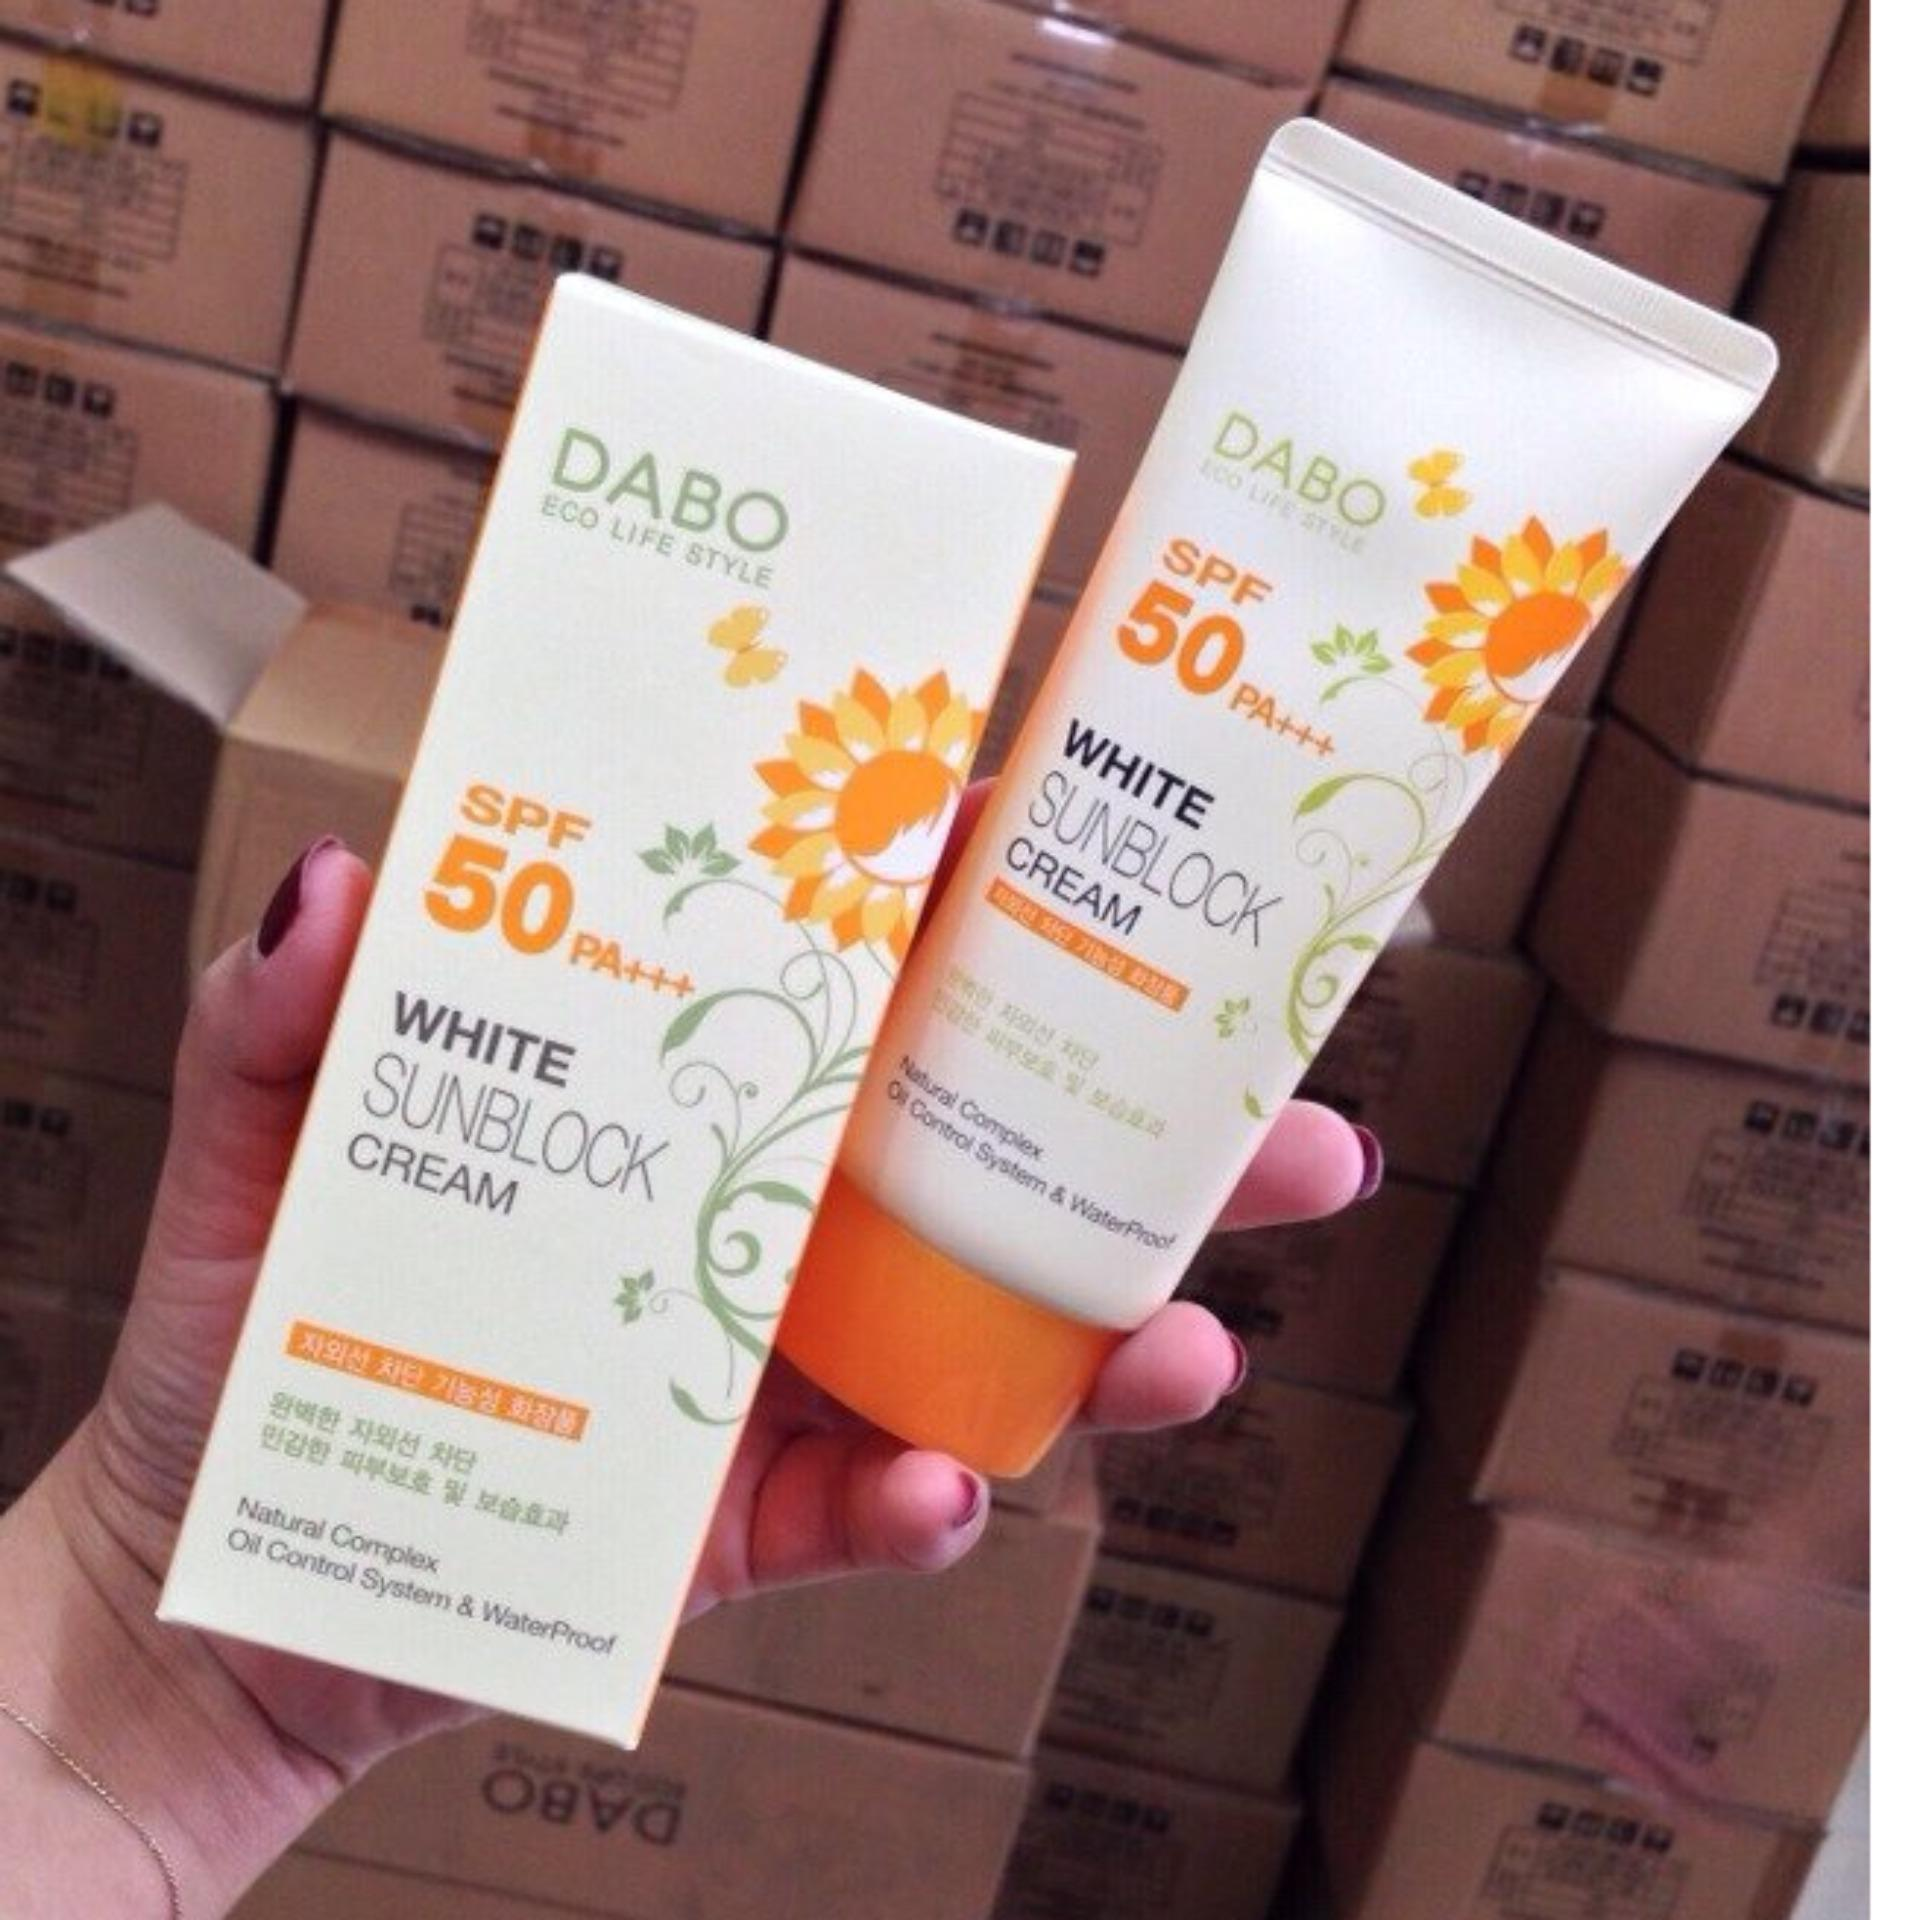 DABO Hàn Quốc Sunblock 70ml - Kem chống nắng và làm trắng